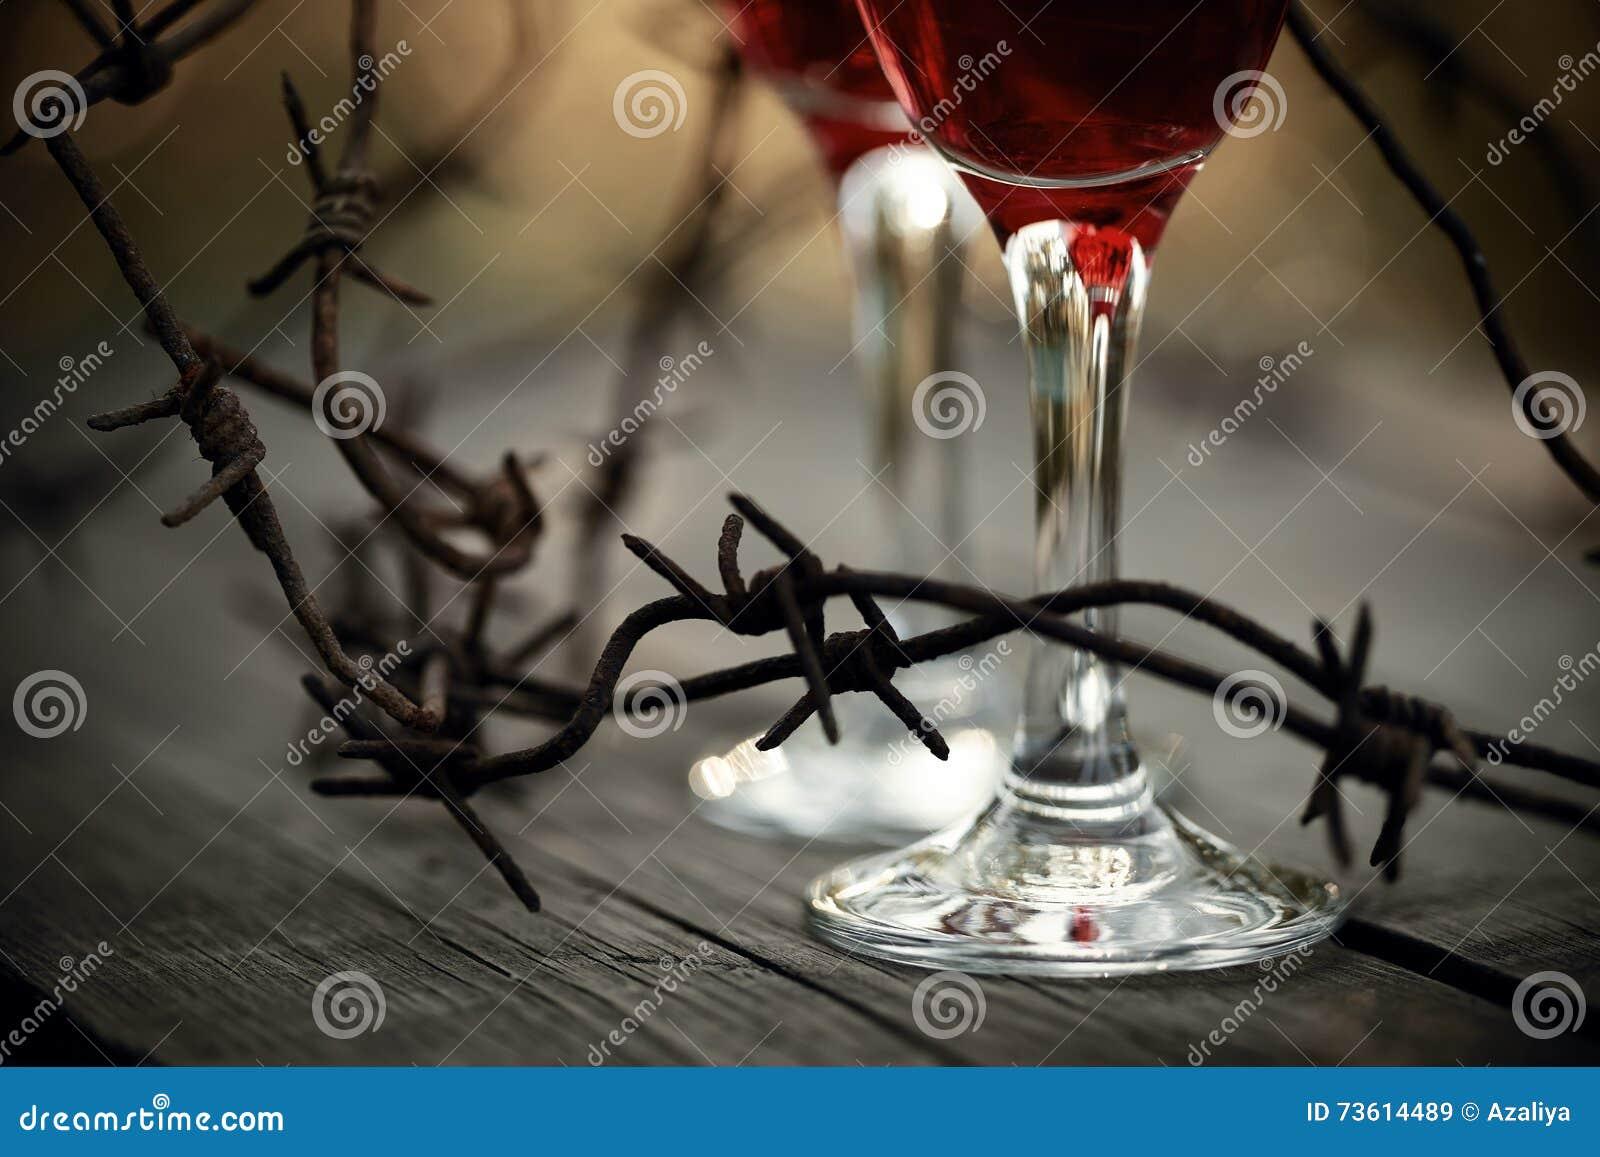 Försett med en hulling rostigt - tråd och exponeringsglas med rött vin